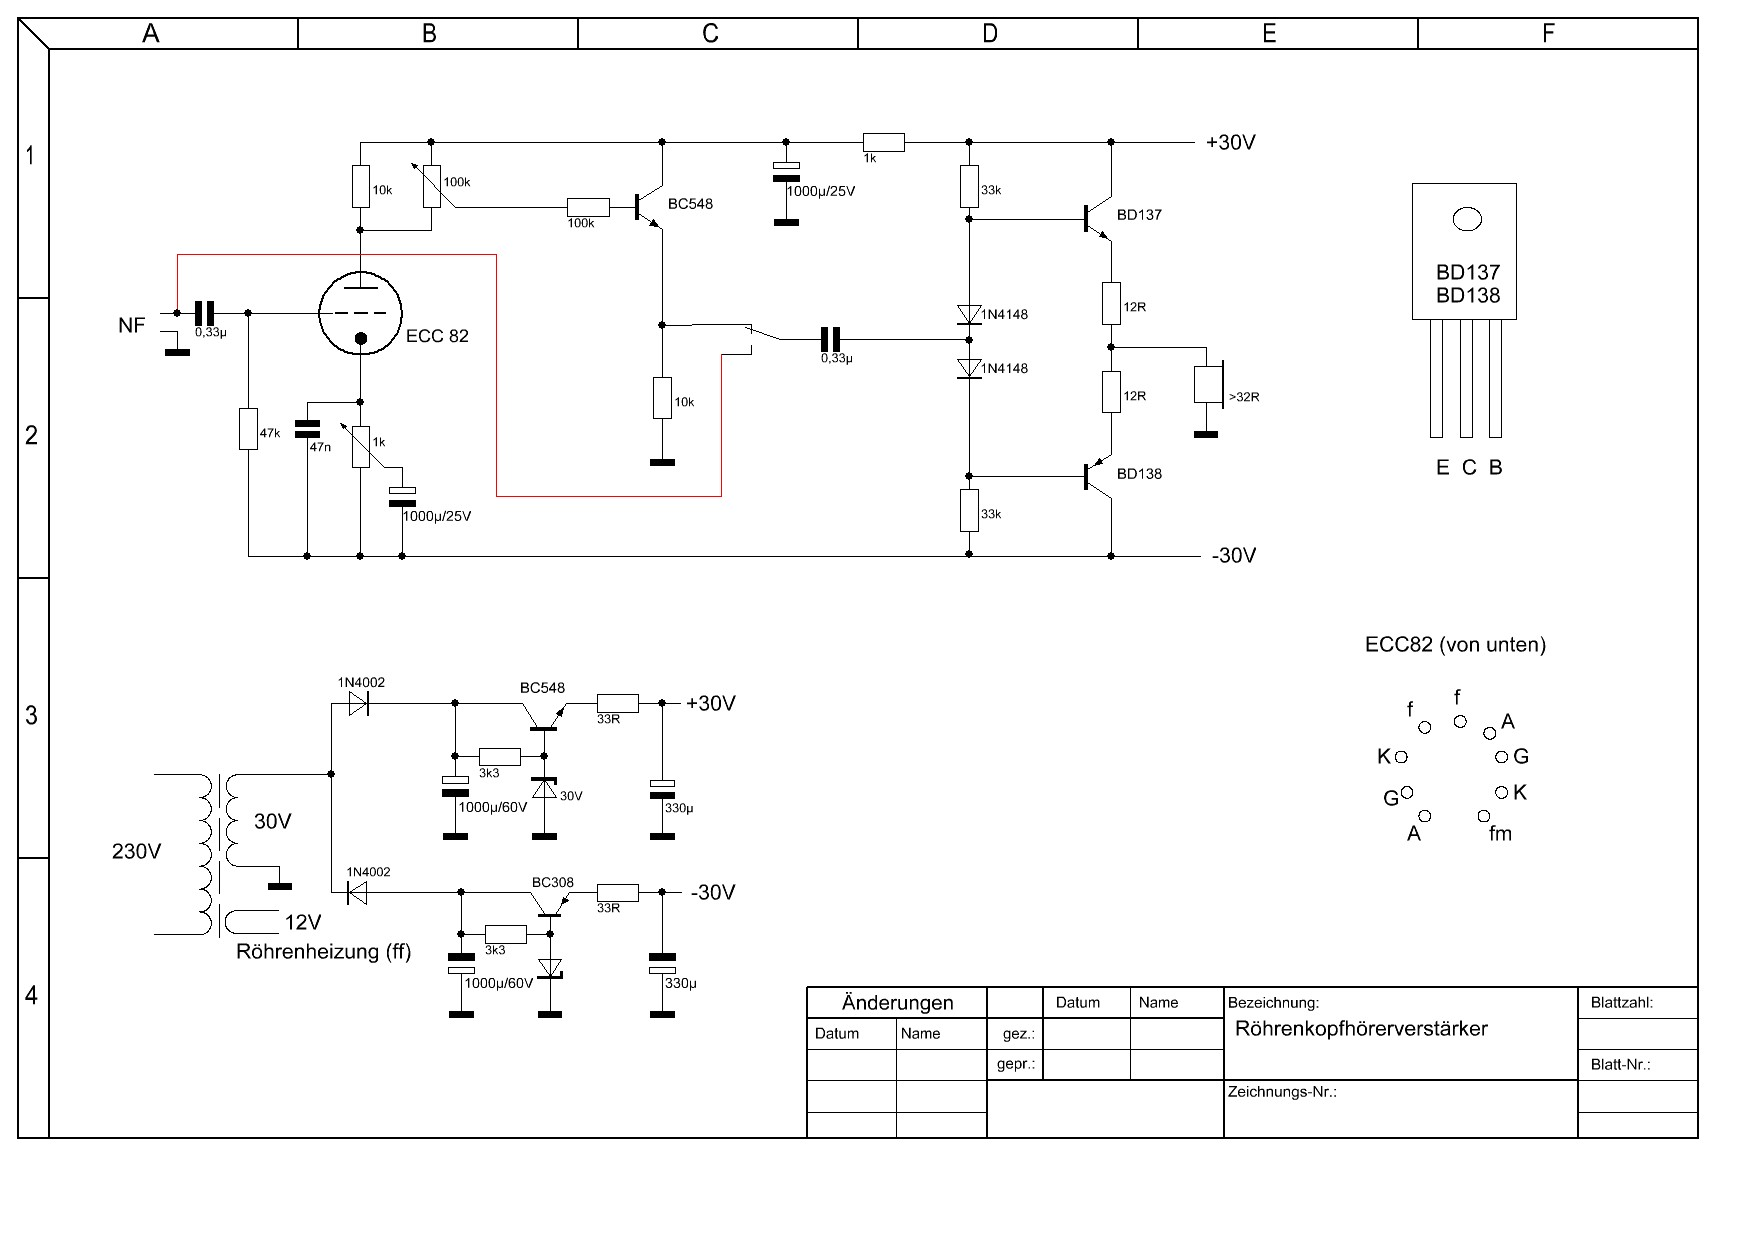 transistor audion led avr uhr led blitzer. Black Bedroom Furniture Sets. Home Design Ideas